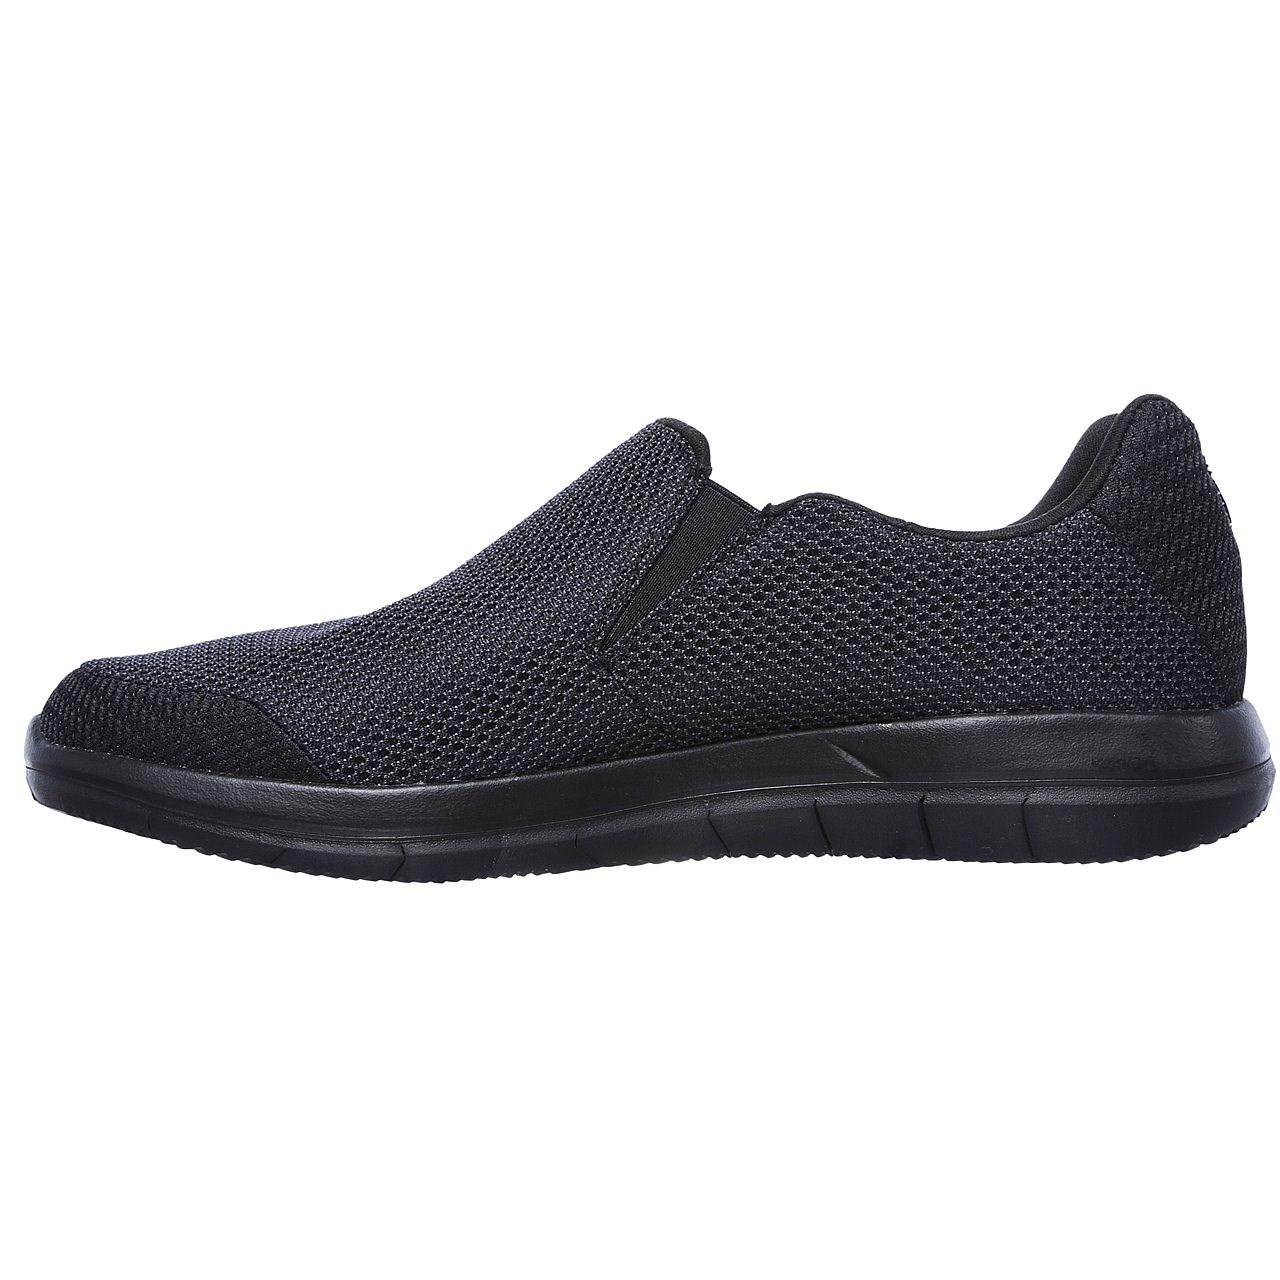 قیمت کفش راحتی مردانه اسکچرز مدل 54015BBK